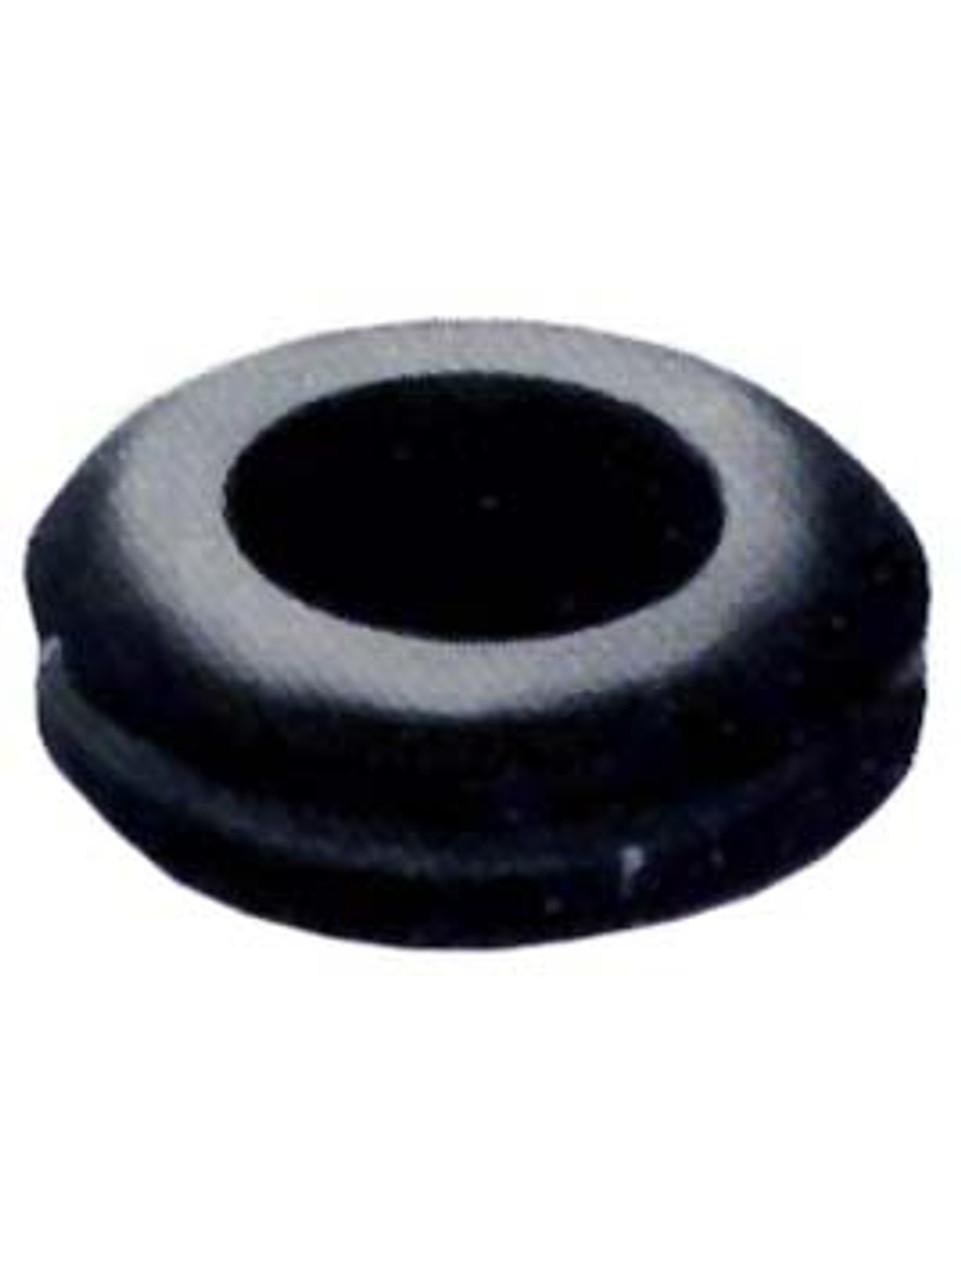 GROM138 --- Rubber Grommet